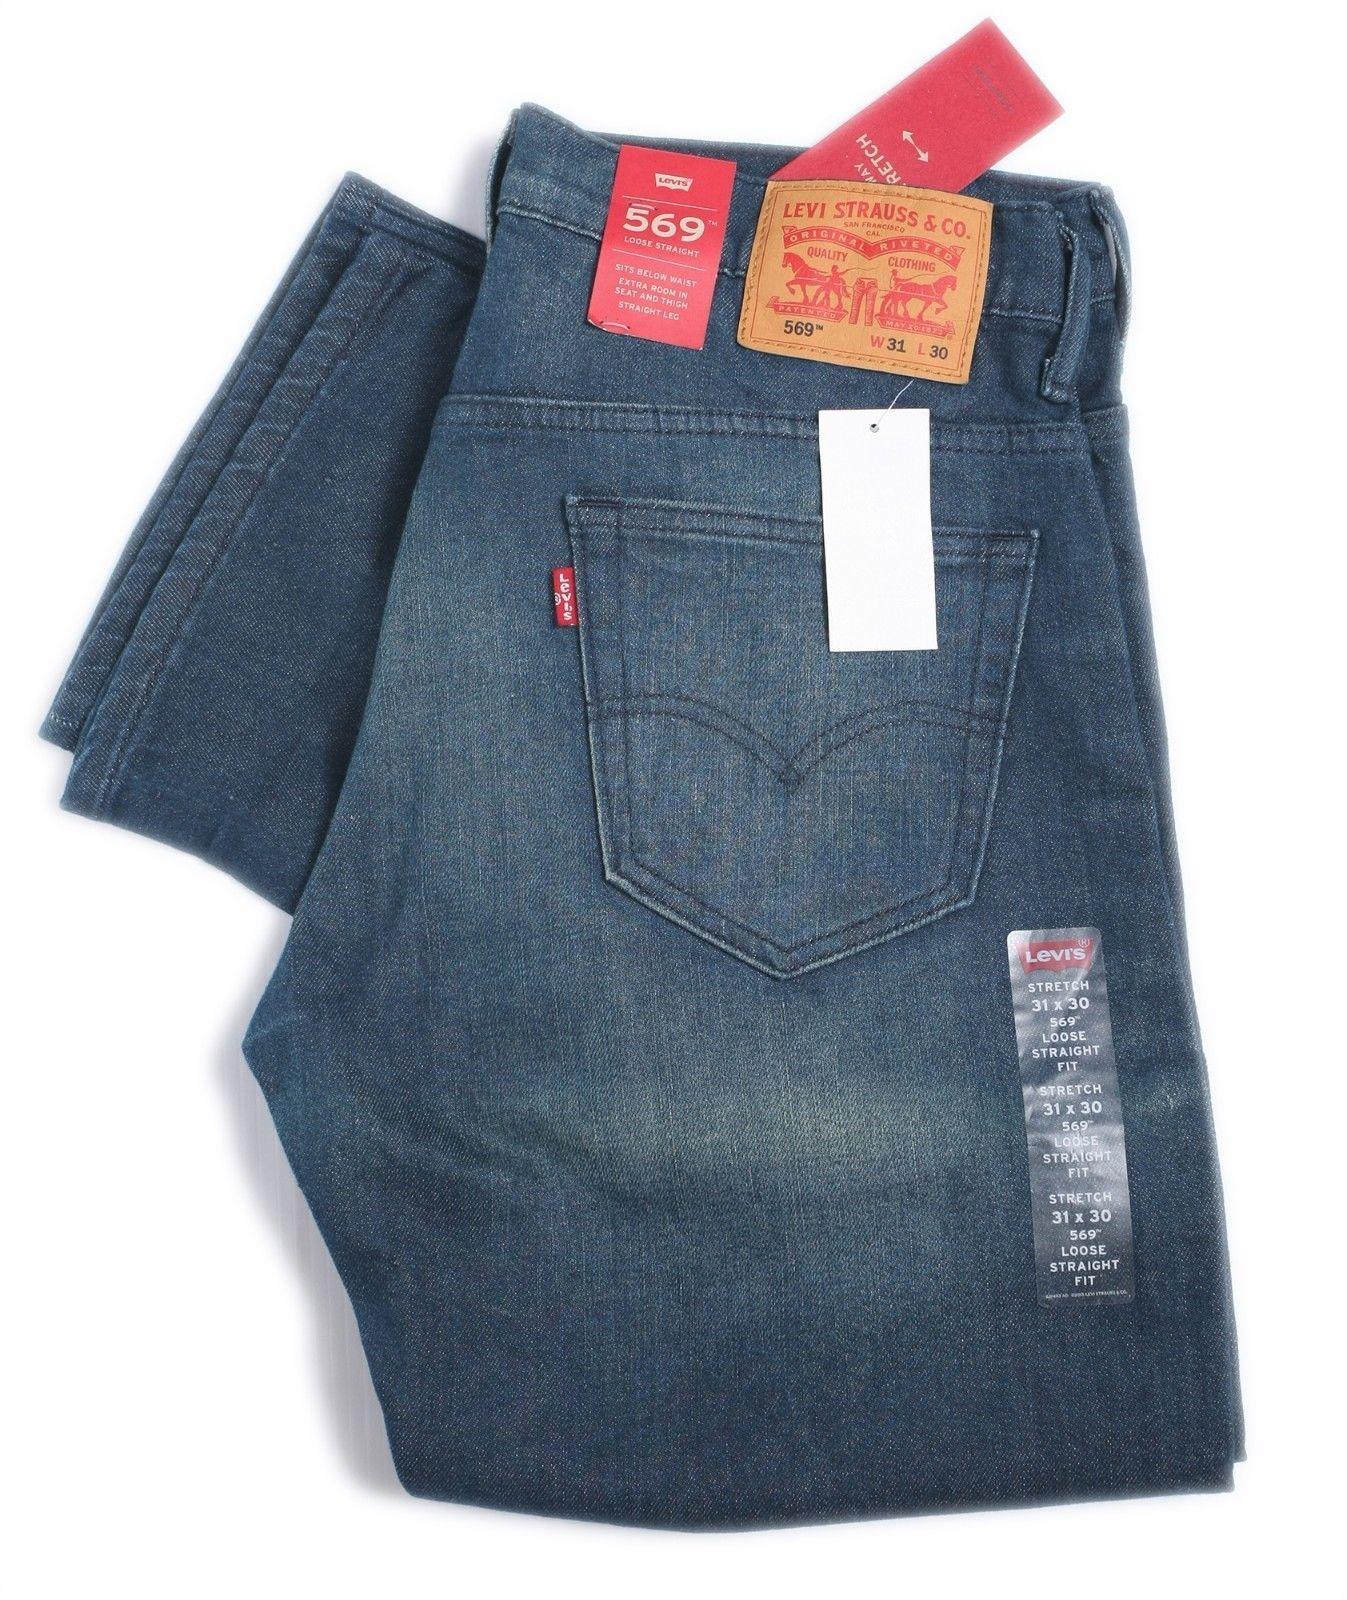 fc273312cdc 57. 57. Previous. Levis Mens 569 Loose Fit Straight Leg Zip Jeans Blue Denim  W31, W32 005690218